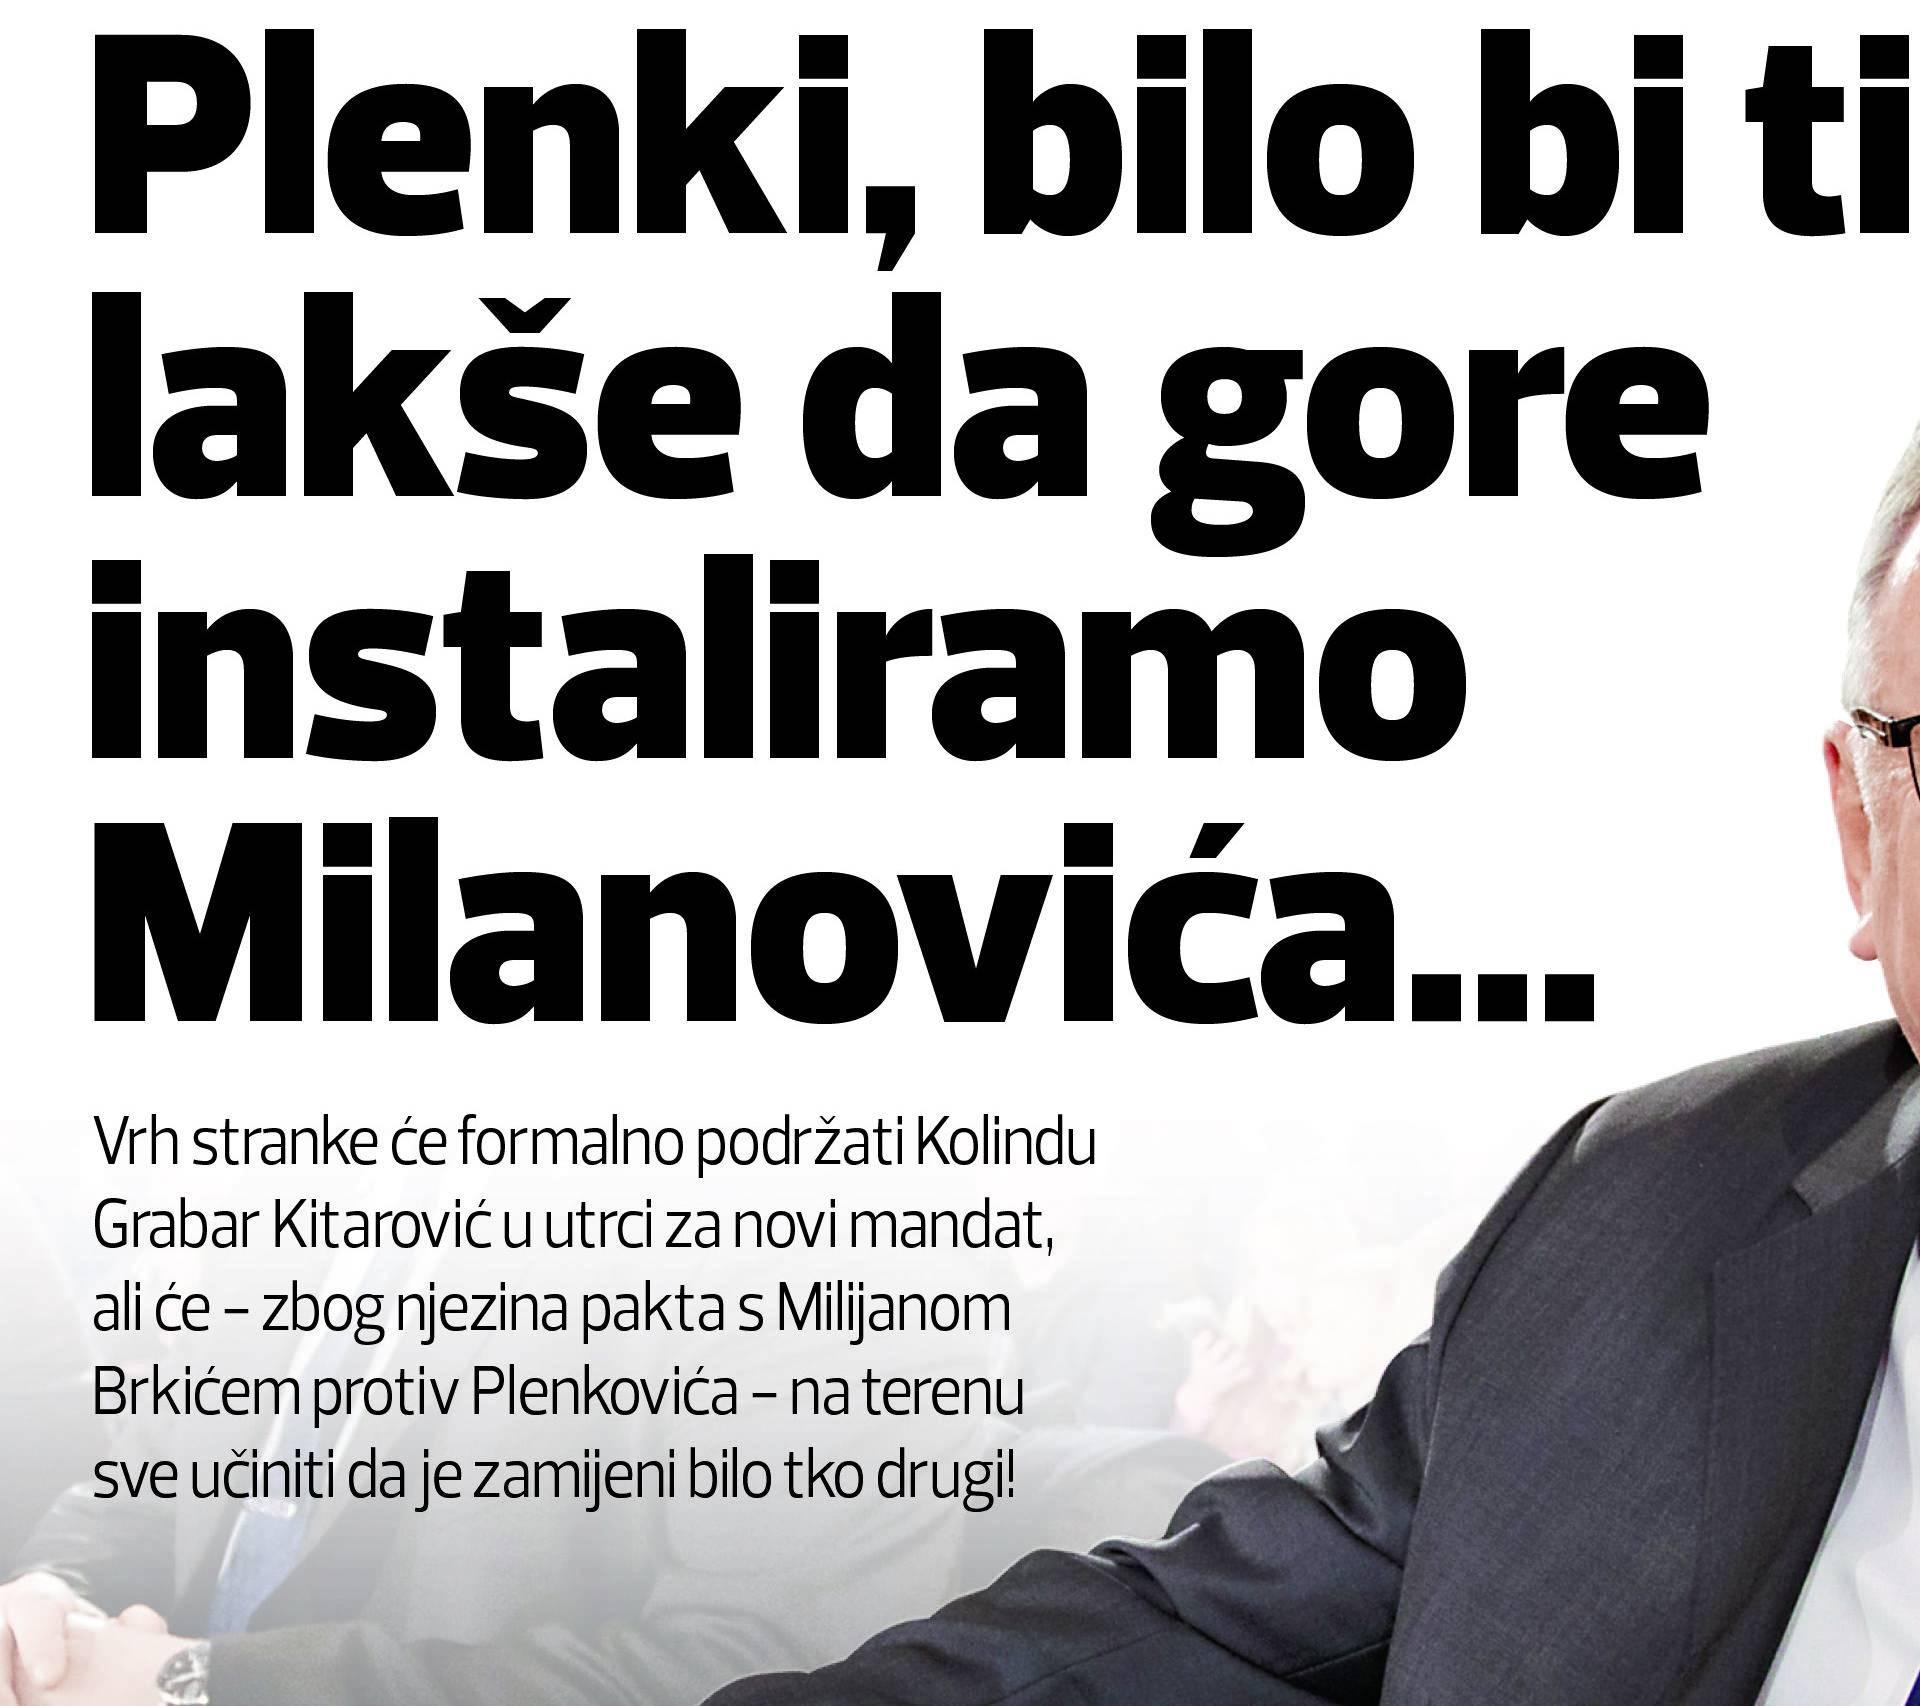 Šeksov gambit: HDZ će tajno podržavati Zorana Milanovića